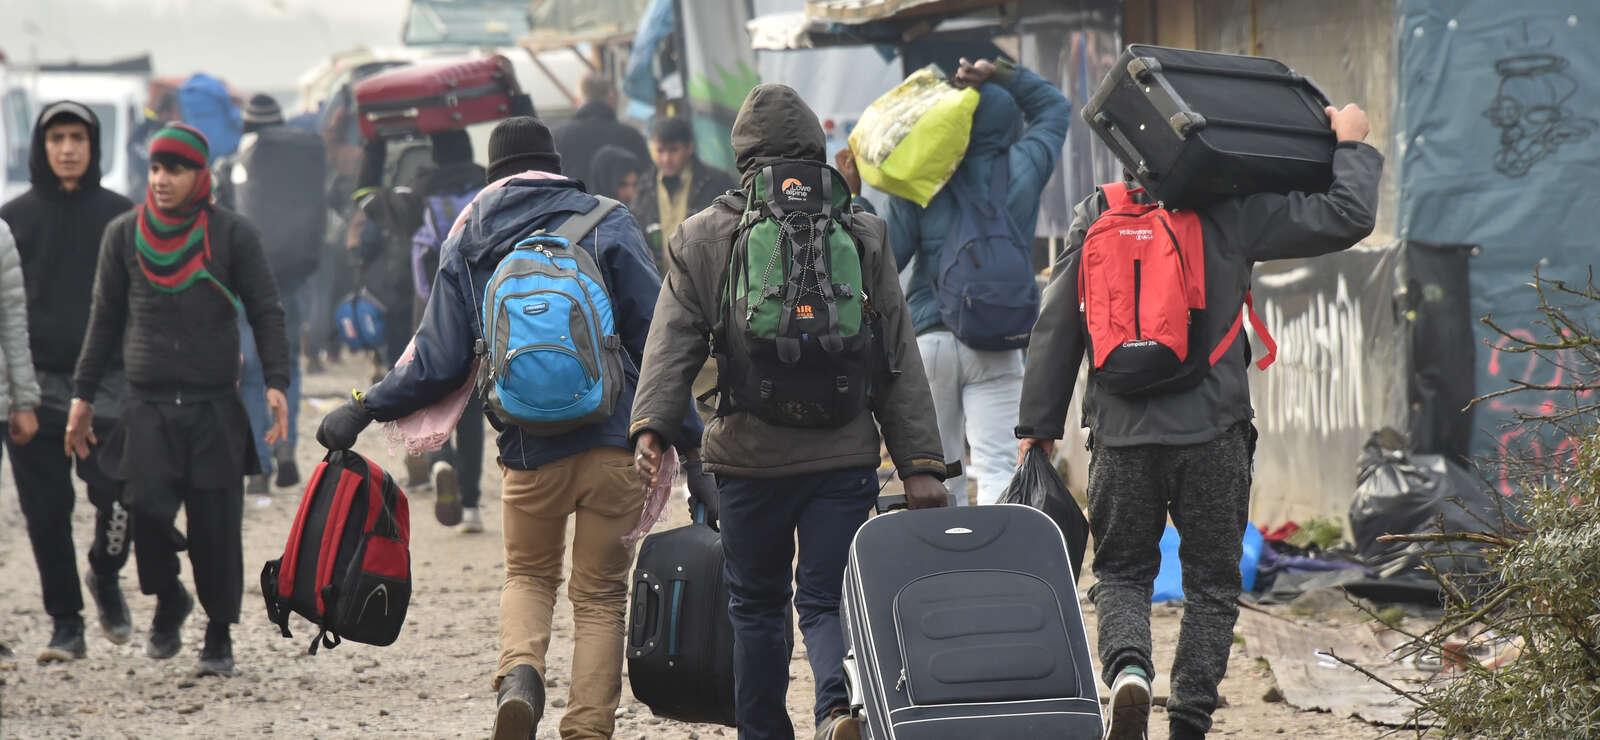 [Direct] L'évacuation de la «jungle» de Calais a commencé